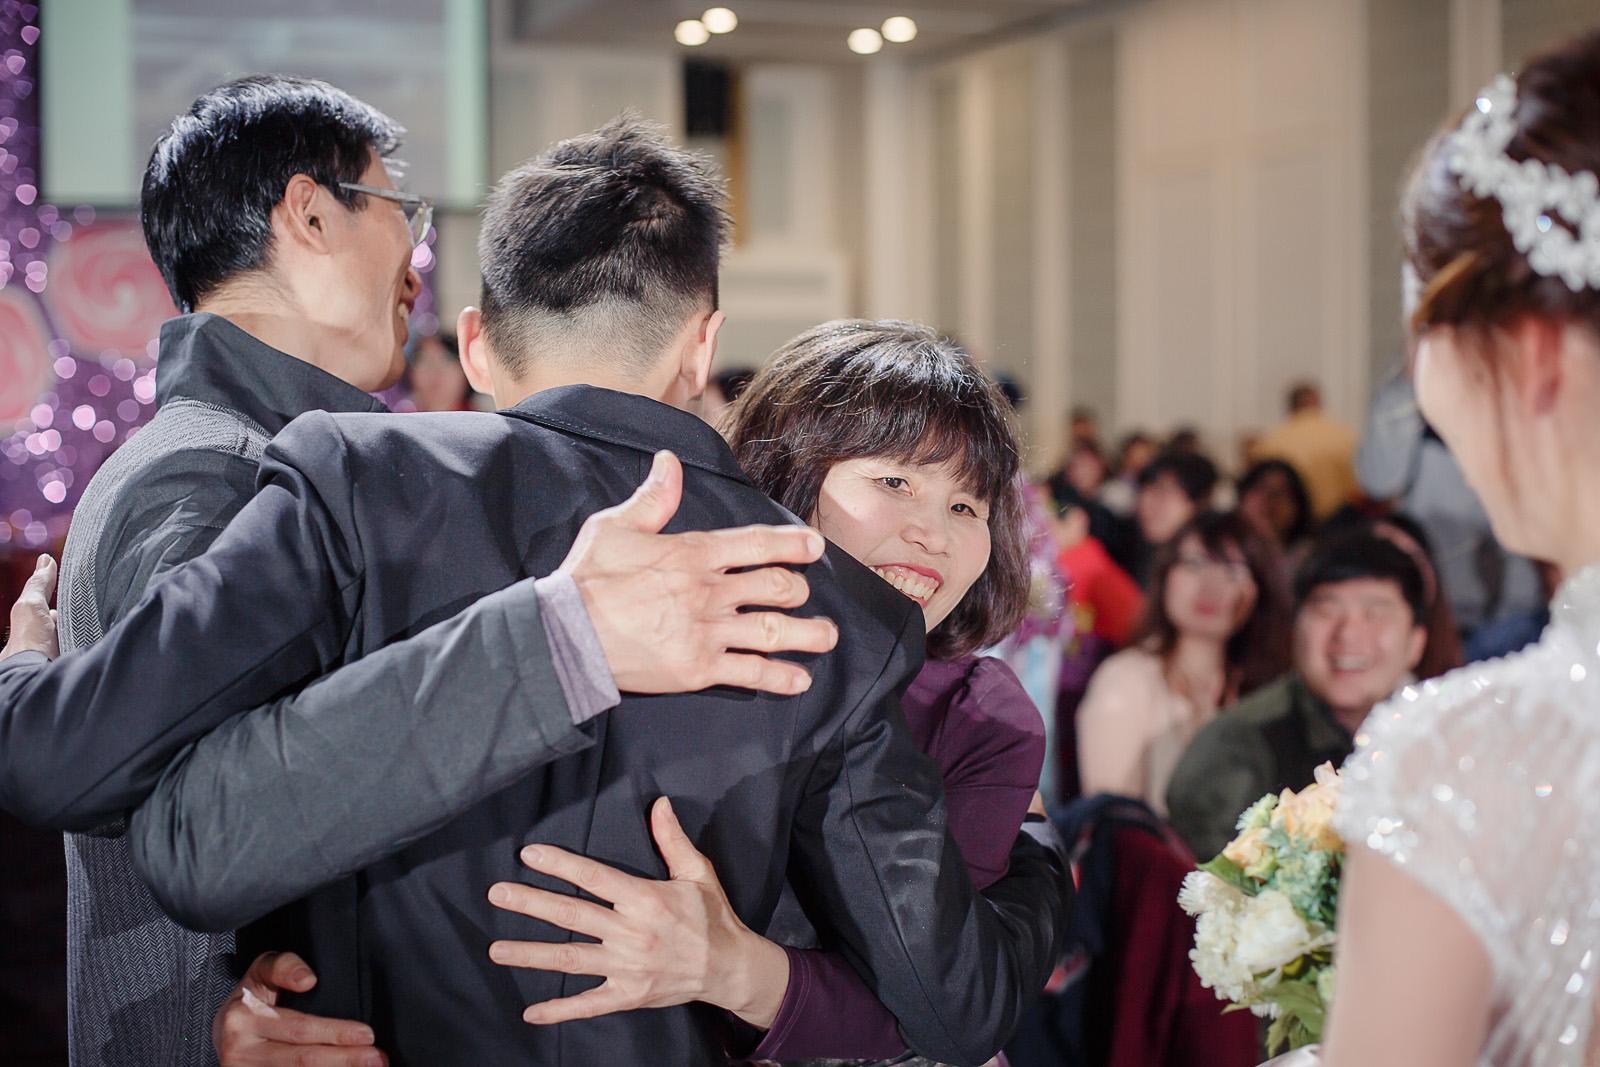 高雄圓山飯店,婚禮攝影,婚攝,高雄婚攝,優質婚攝推薦,Jen&Ethan-252